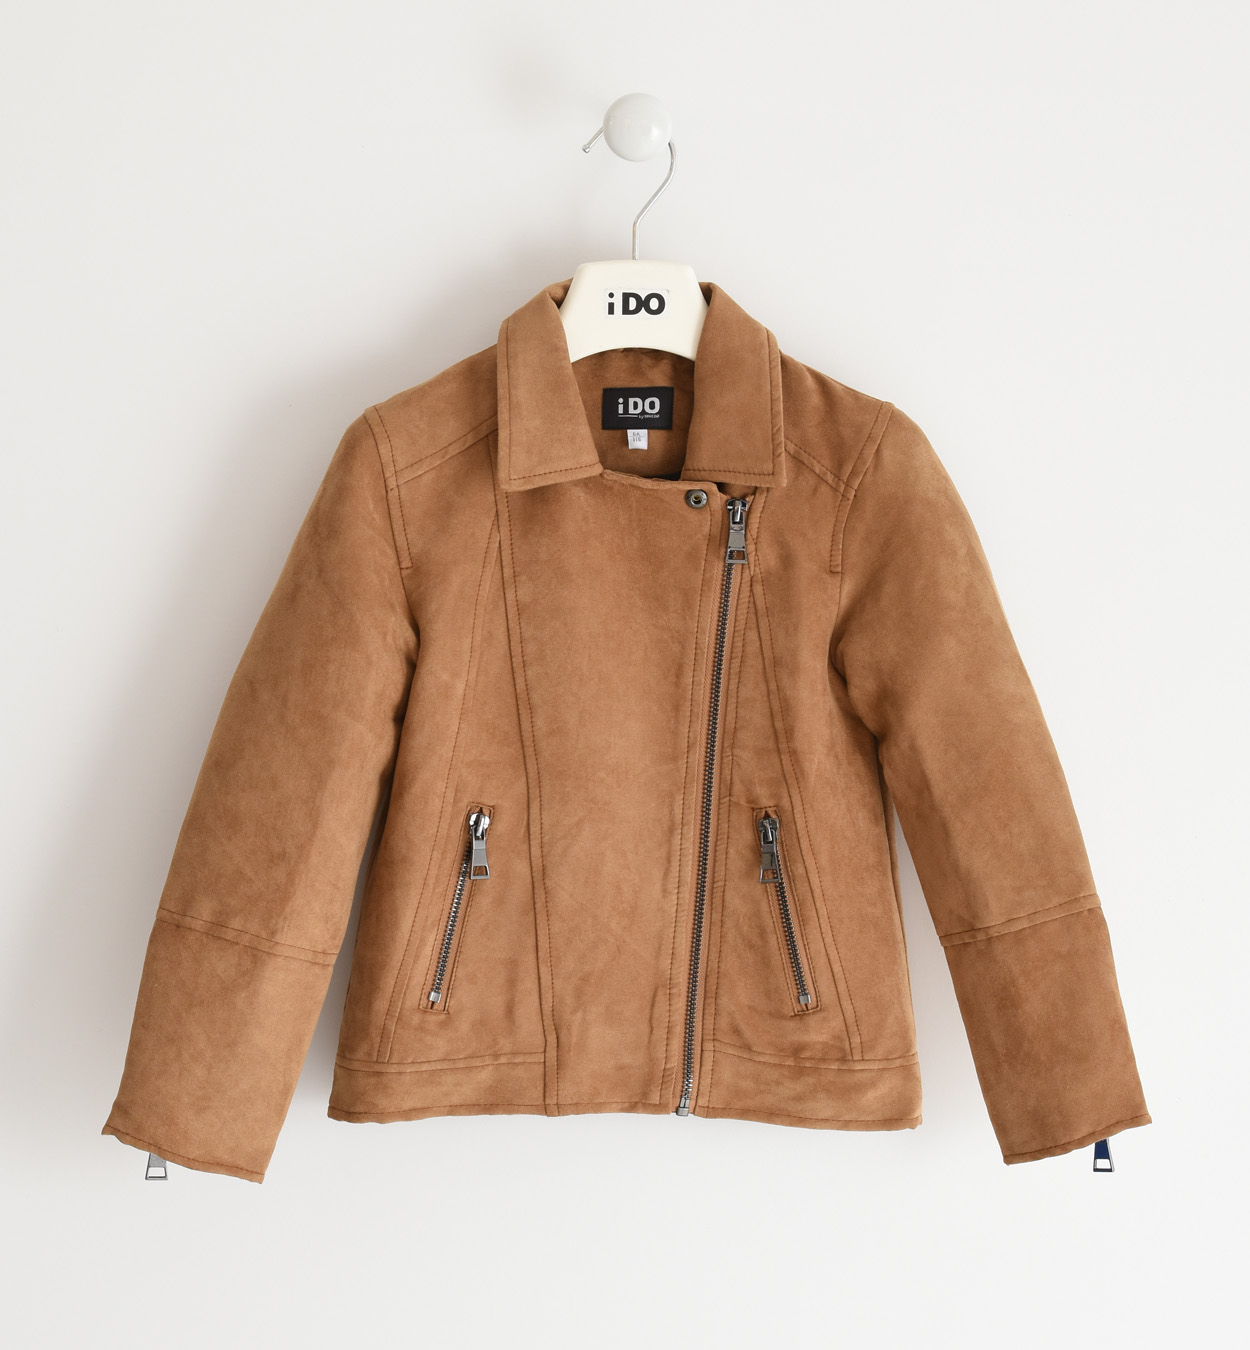 Velúr hatású barna kislány kabát